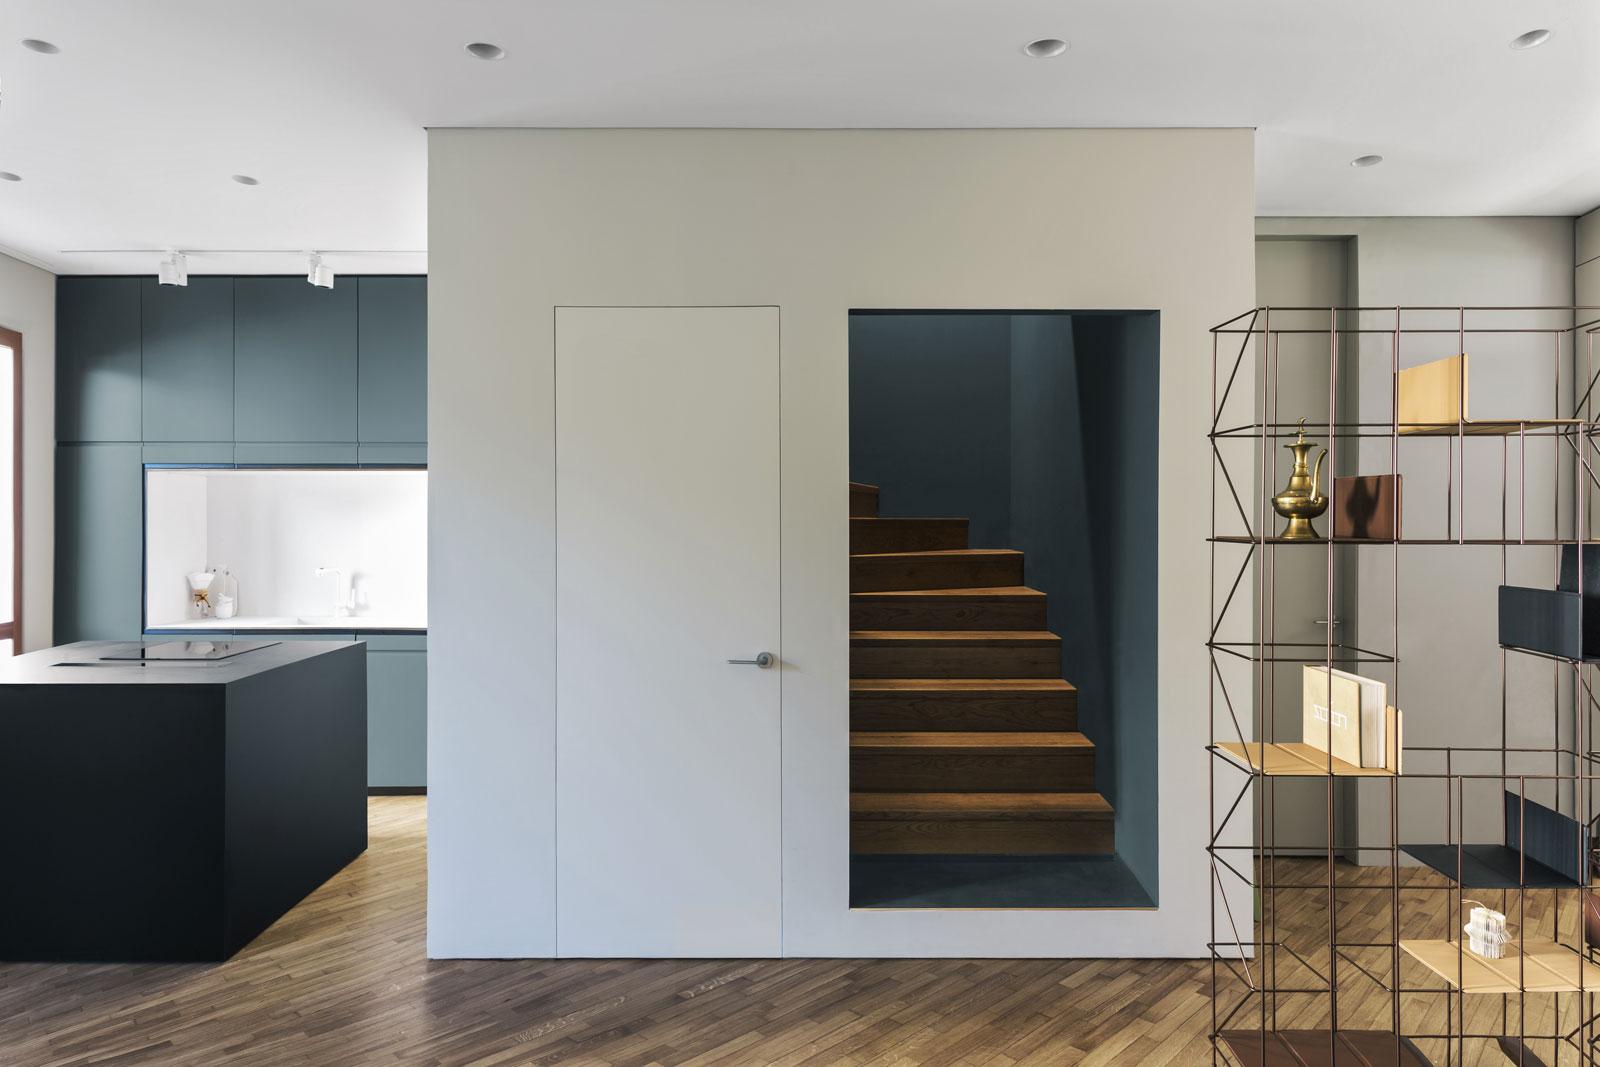 Progetto Di Una Casa Trendy La Nostra Prima Casa Progetto Di Una Casa In Divenire With Progetto